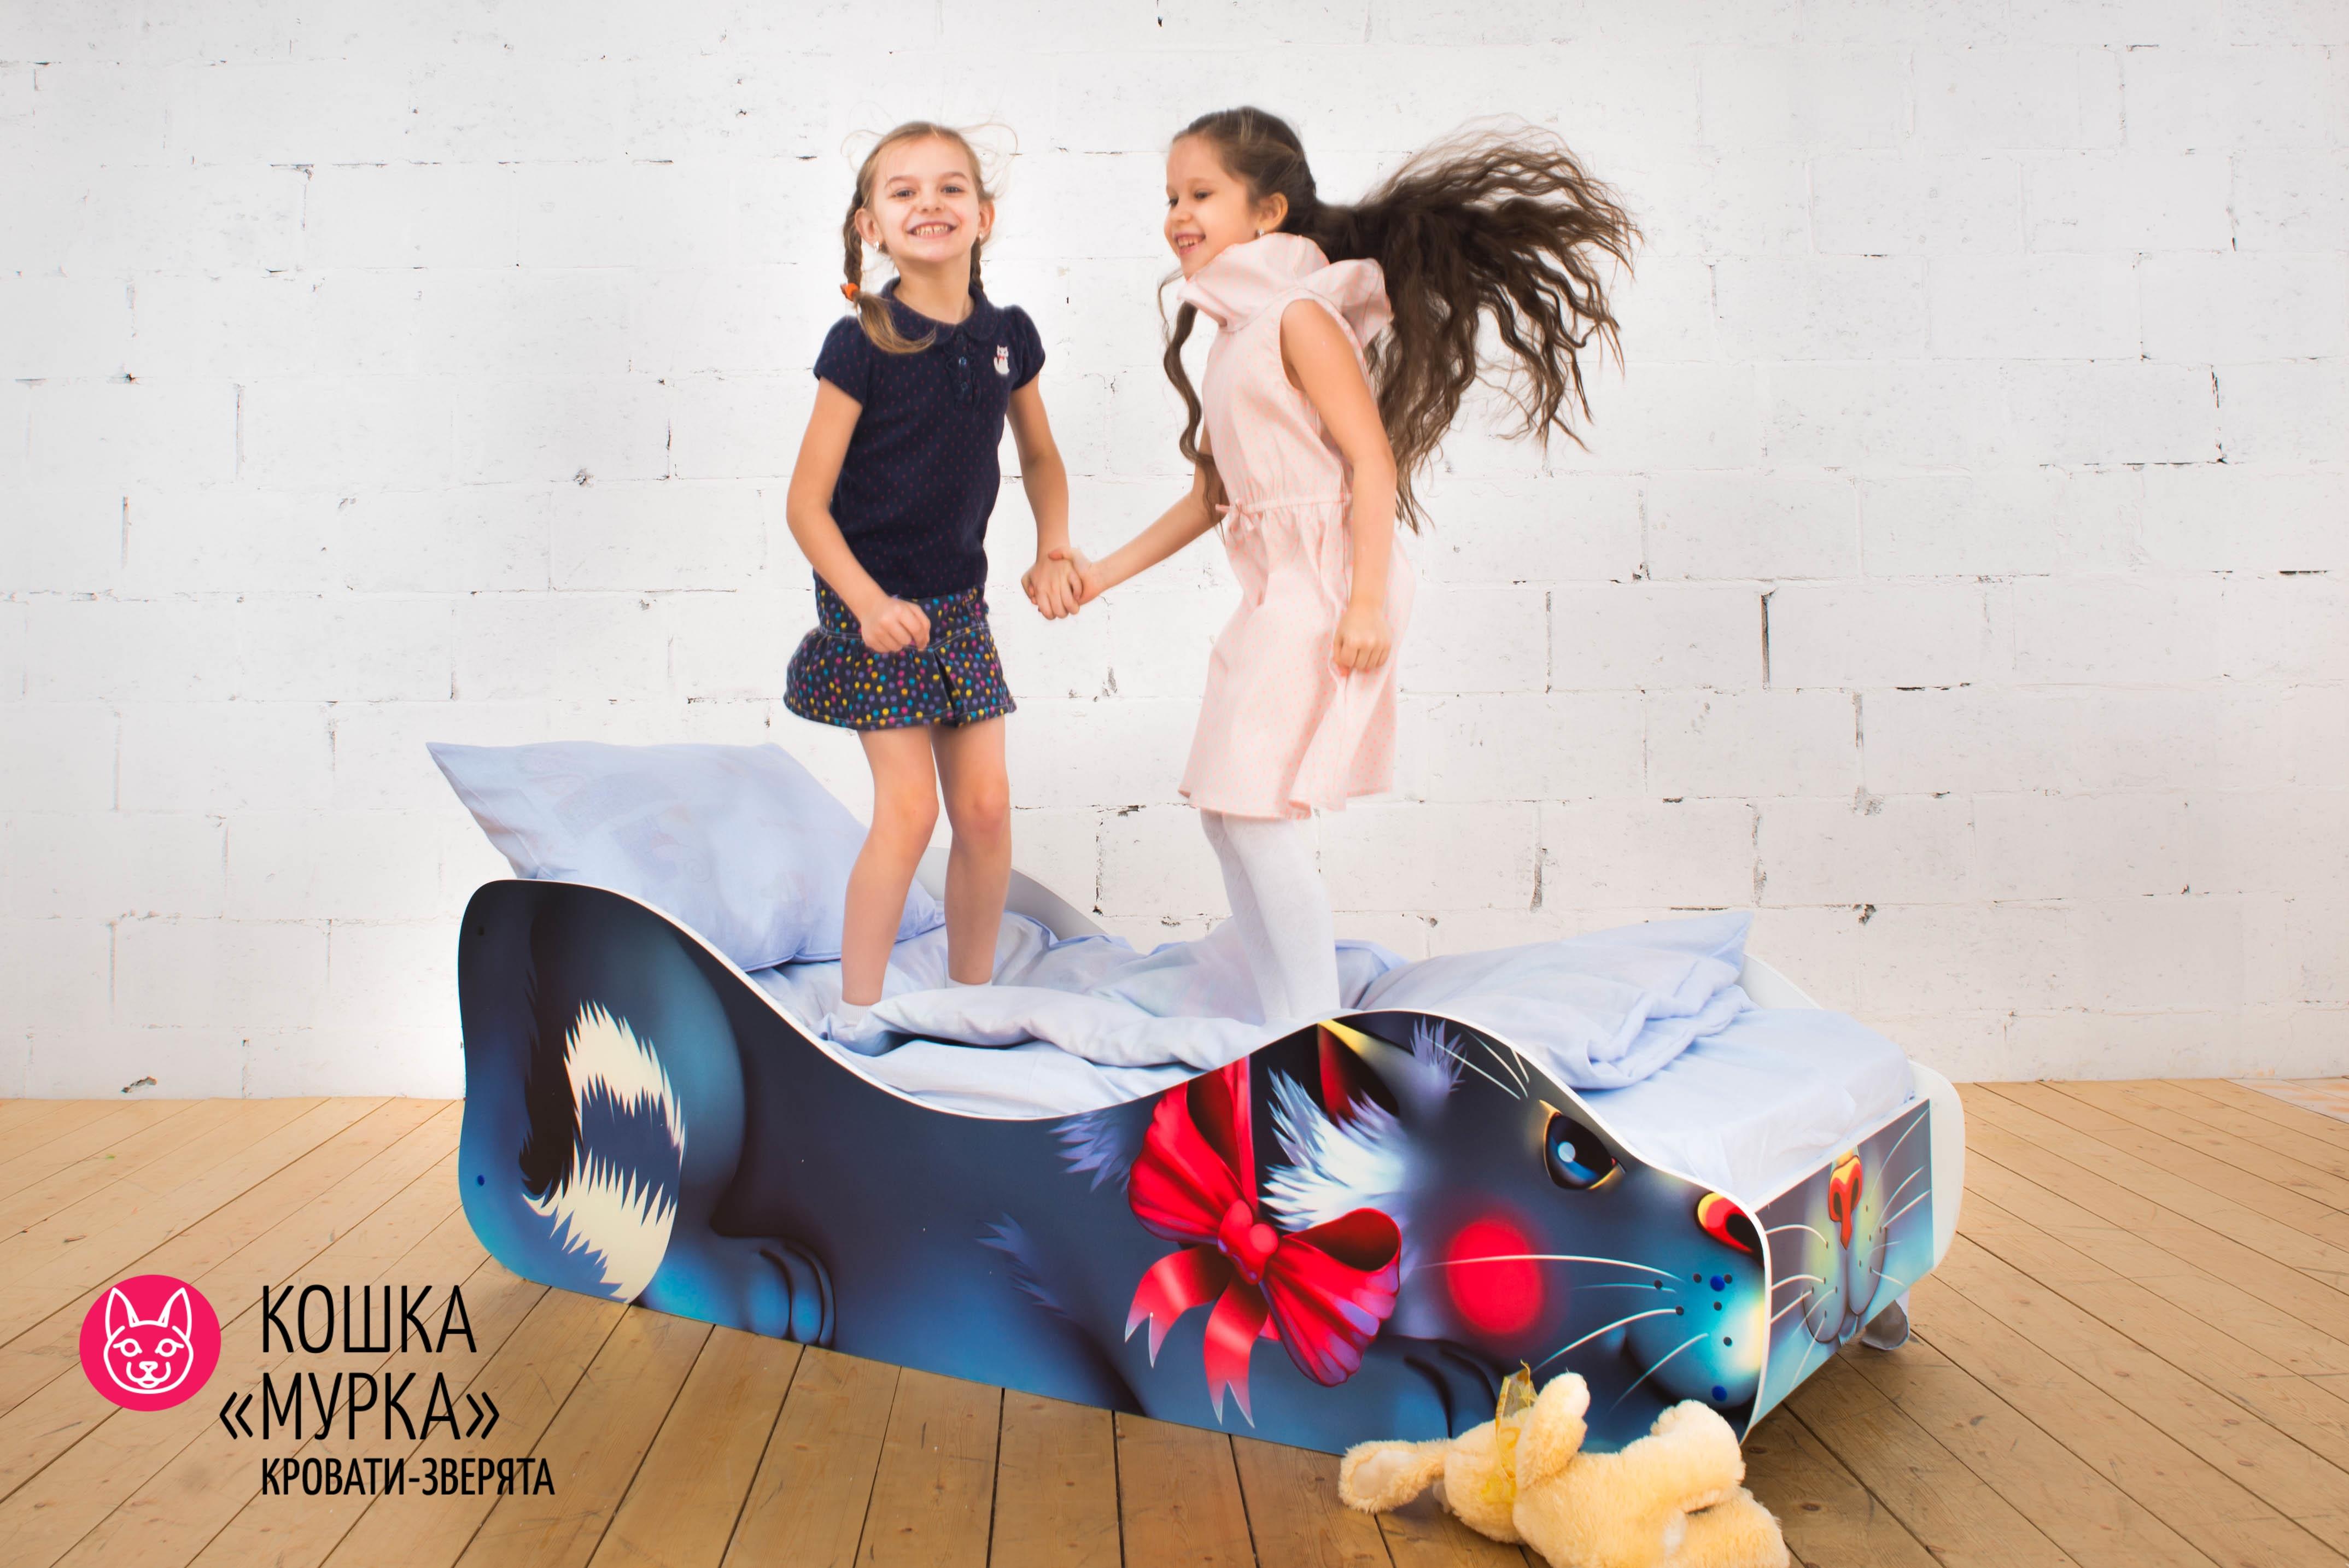 Детская кровать-зверенок -Кошка-Мурка-5